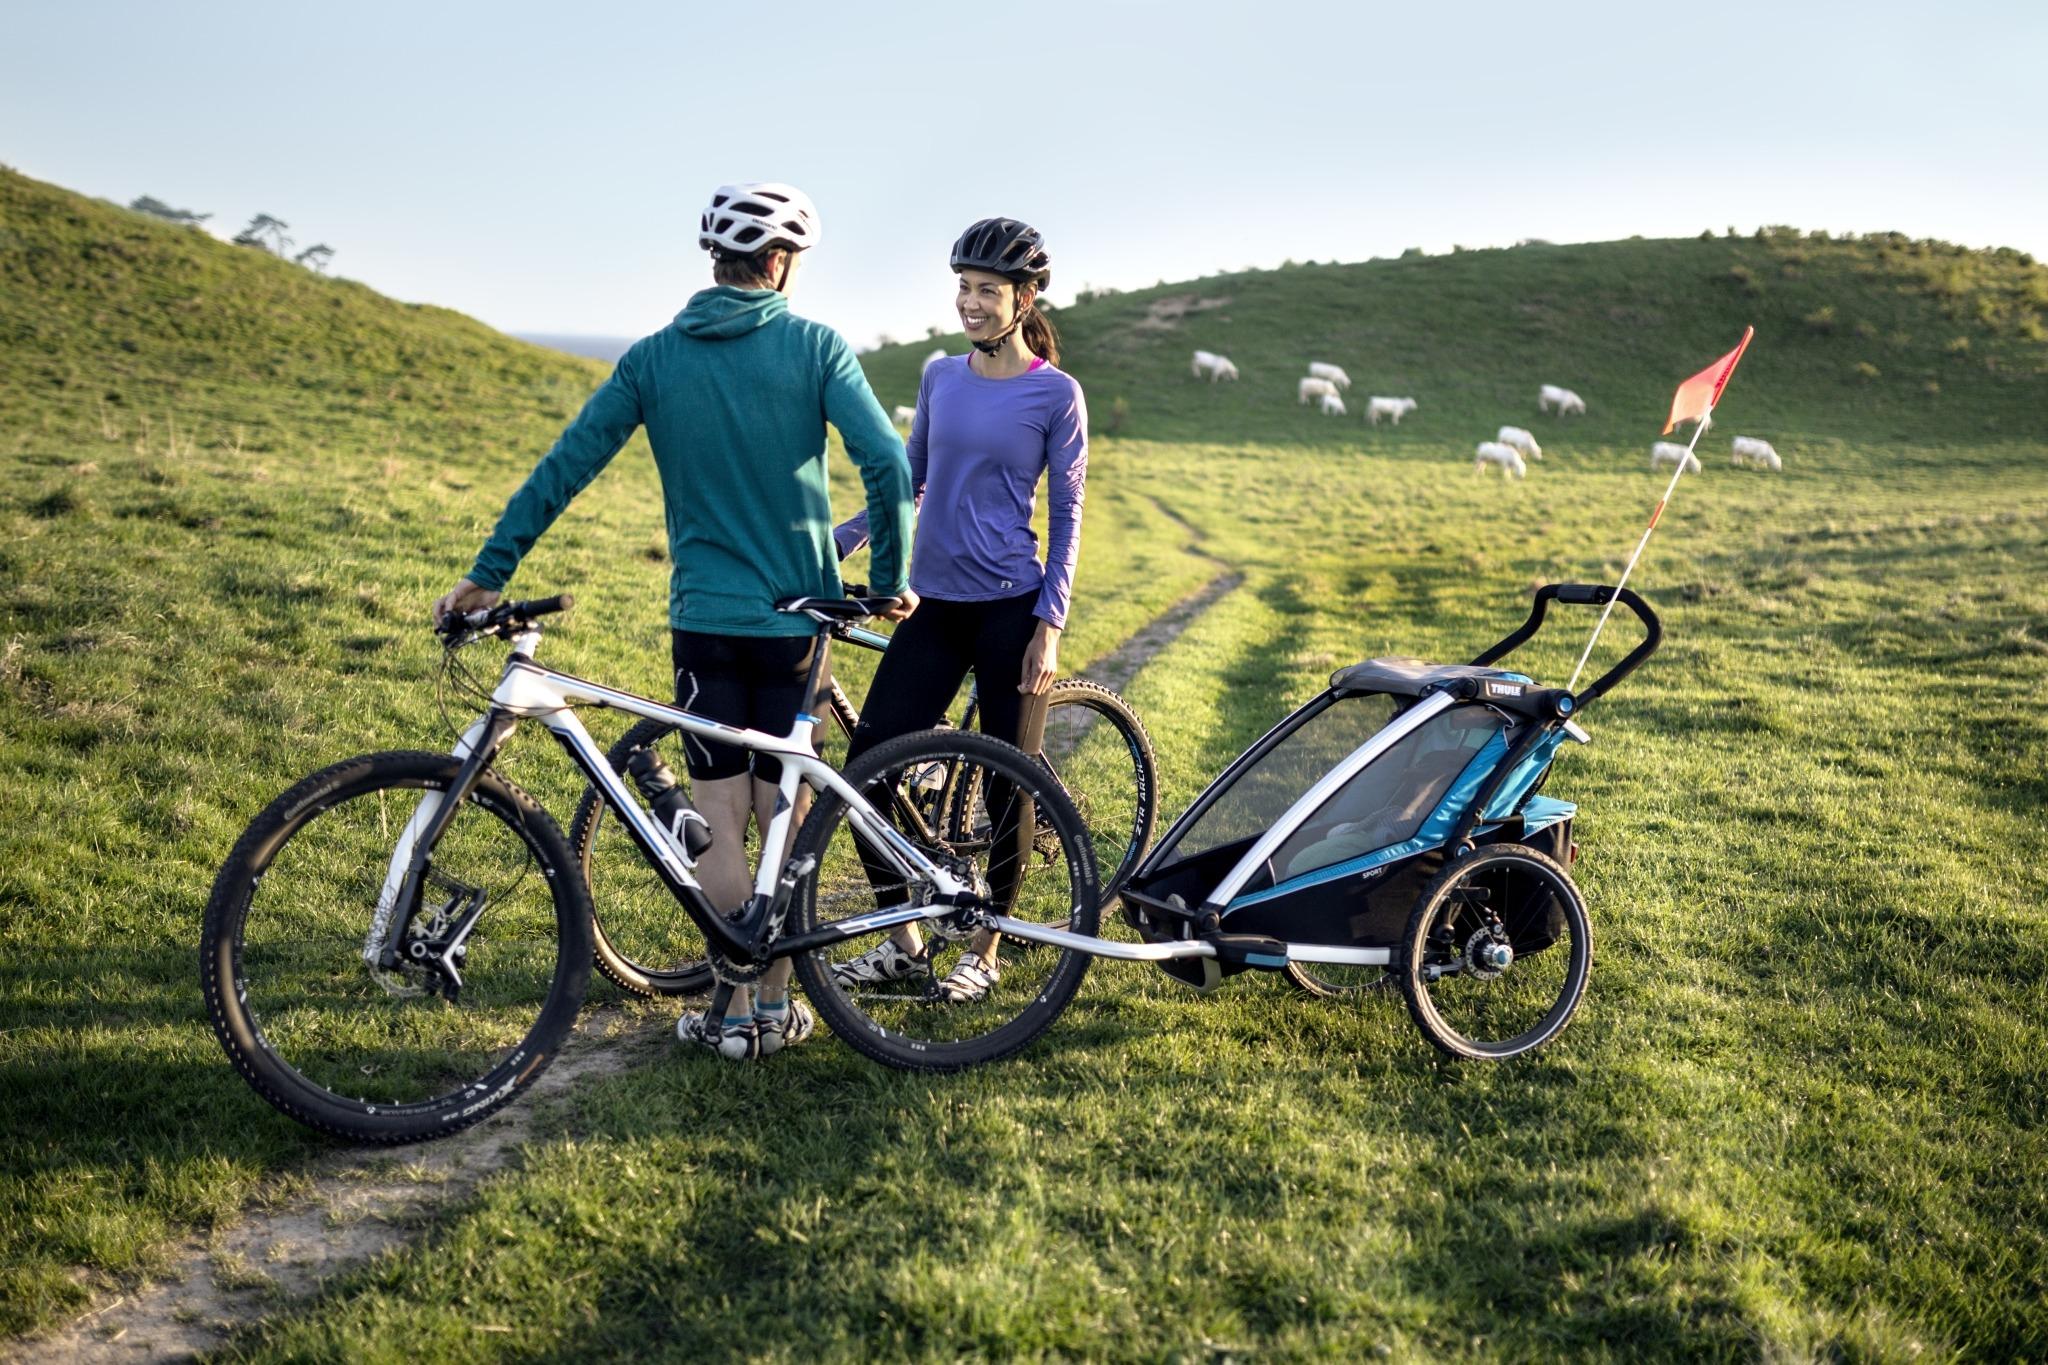 Wózek do biegania, podwójny - THULE Chariot Sport 2 - zielony/niebieski